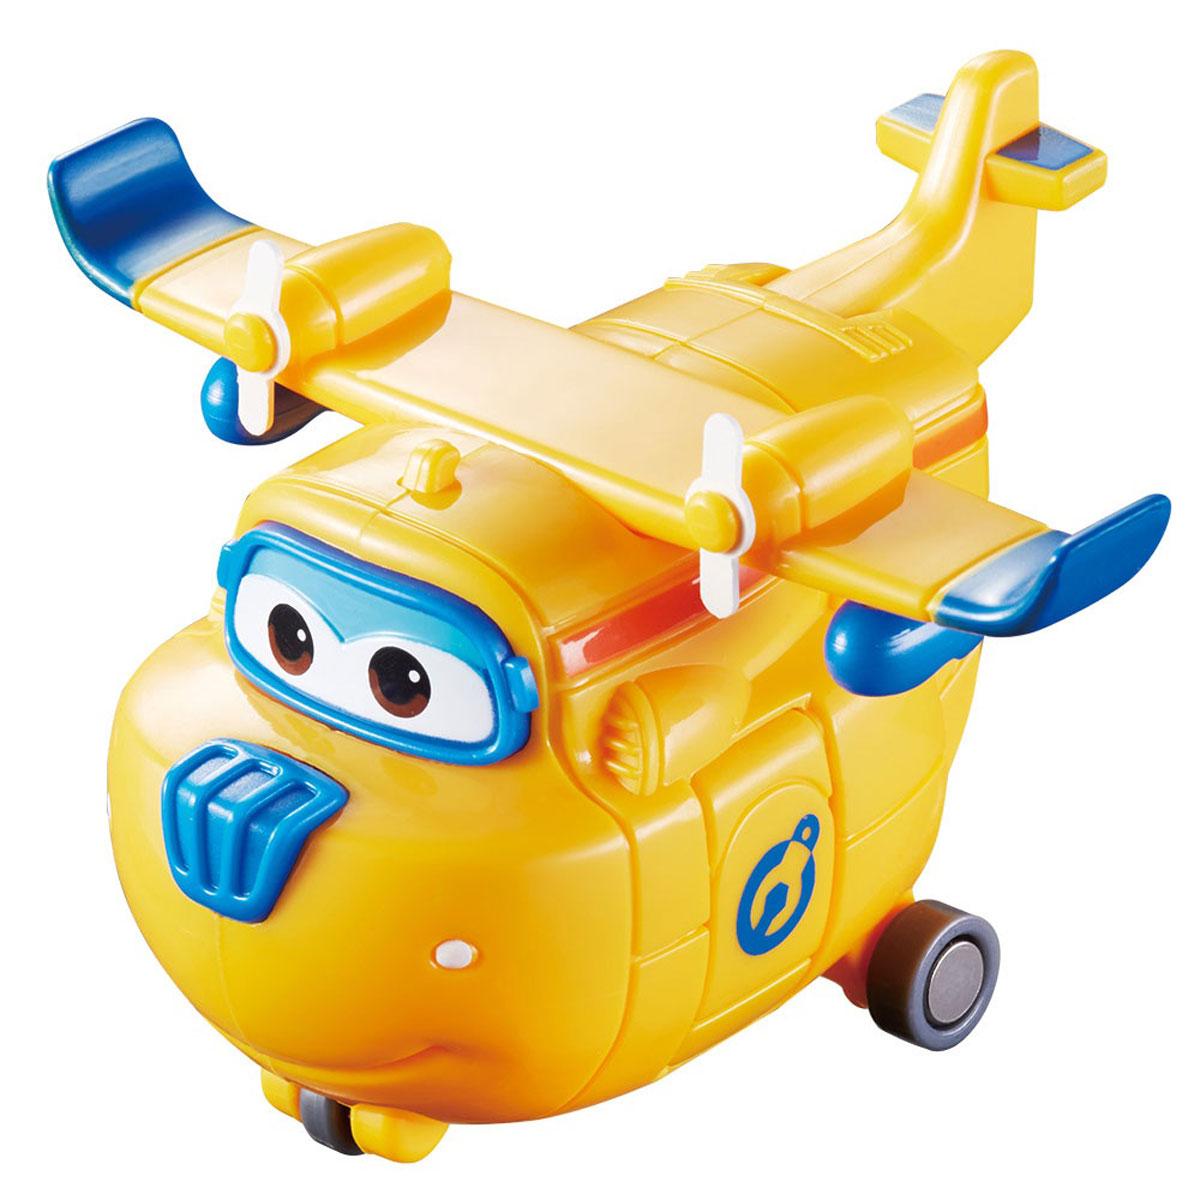 Super Wings Самолет на радиоуправлении ДонниYW710720Самолет на радиоуправлении Super Wings Донни - герой мультфильма Супер Крылья. Самолетик Донни - мастер на все руки, он сможет отремонтировать все, что сломалось. Забавные самолетики Super Wings работают в авиапочте и развозят посылки детишкам по всей планете. Они с большим удовольствием берут на себя заботы людей и выполняют ответственные задания. Детям такие игрушки дарят радость и веселье, развивают фантазию и помогают найти друзей. Спасательный самолет Донни - верный и надежный друг, но очень наивный и доверчивый, из-за этого у Супер Крыльев иногда возникают проблемы. Самолет-спасатель приводится в движение при помощи пульта дистанционного управления с удобными крупными кнопками (кнопка вперед и разворот на 360 градусов). Пульт управления легок и прост в использовании и предназначен для маленьких ручек. Имеются световые и звуковые эффекты. Игрушка развивает логику, воображение и мелкую моторику рук ребенка. Герои мультфильма являются примером для подражания, так...